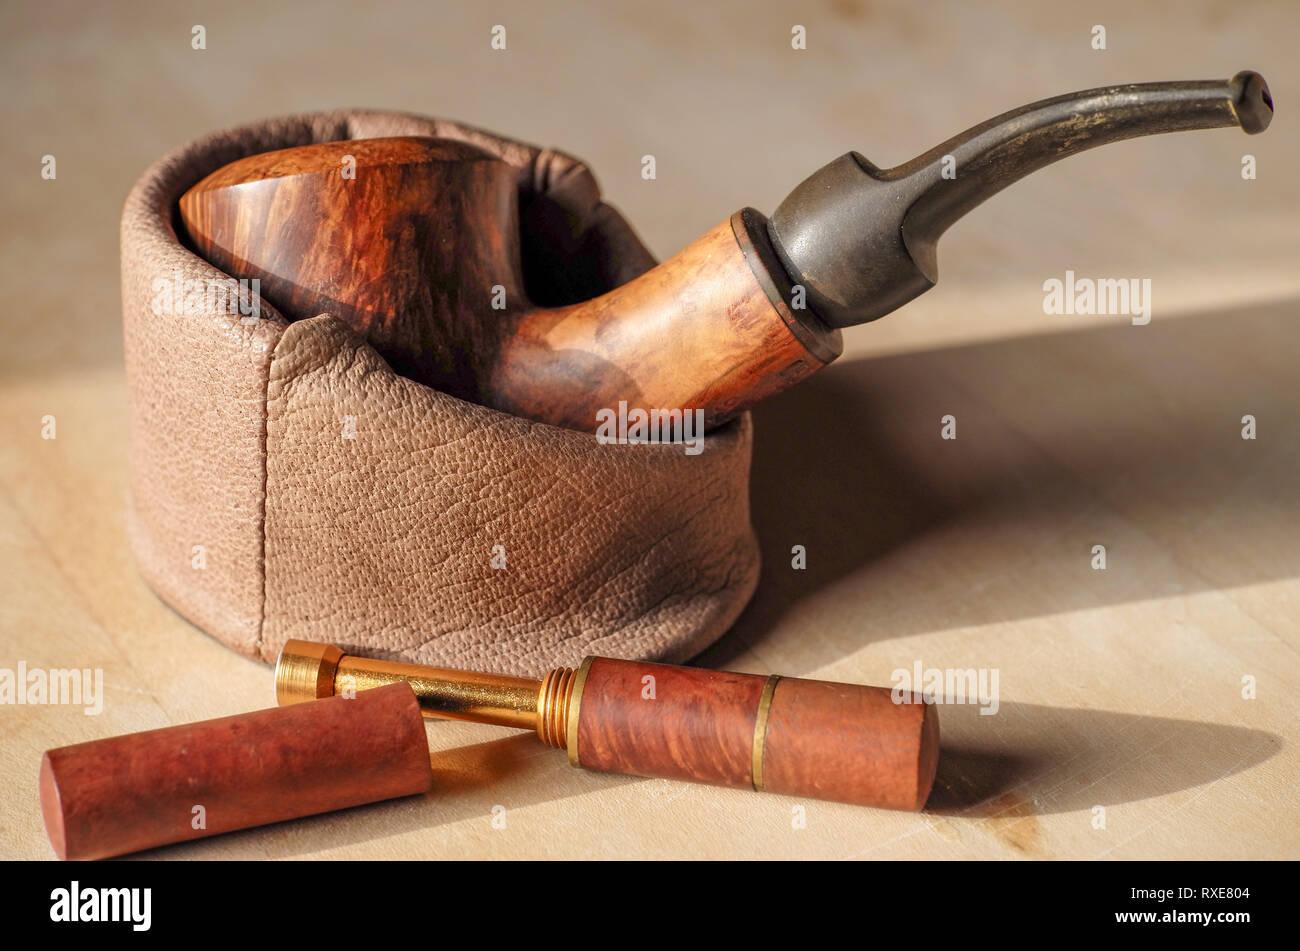 Stilleben Tabak Pfeife - Stock Image